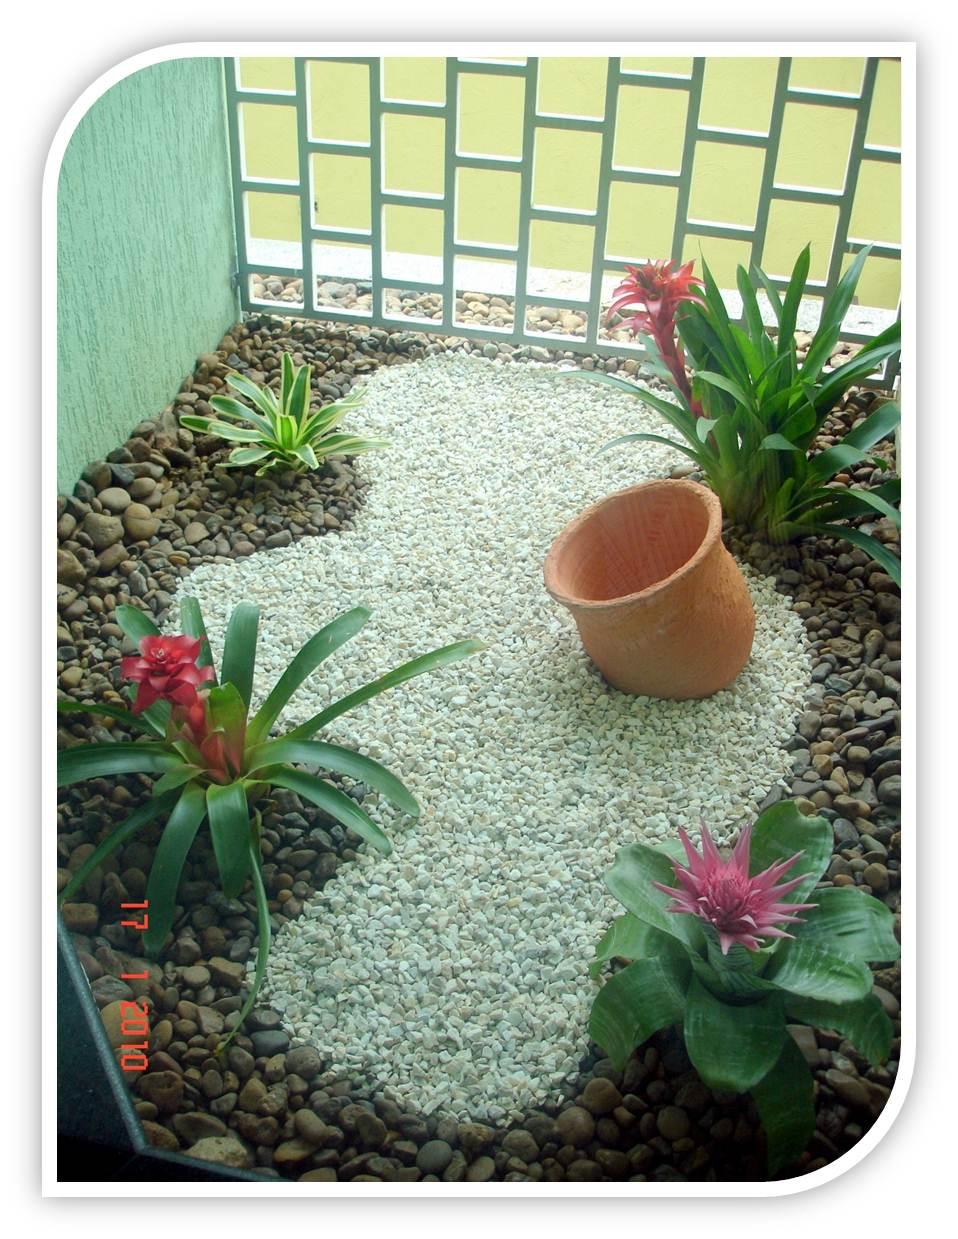 Dádiva Design Jardim de Inverno